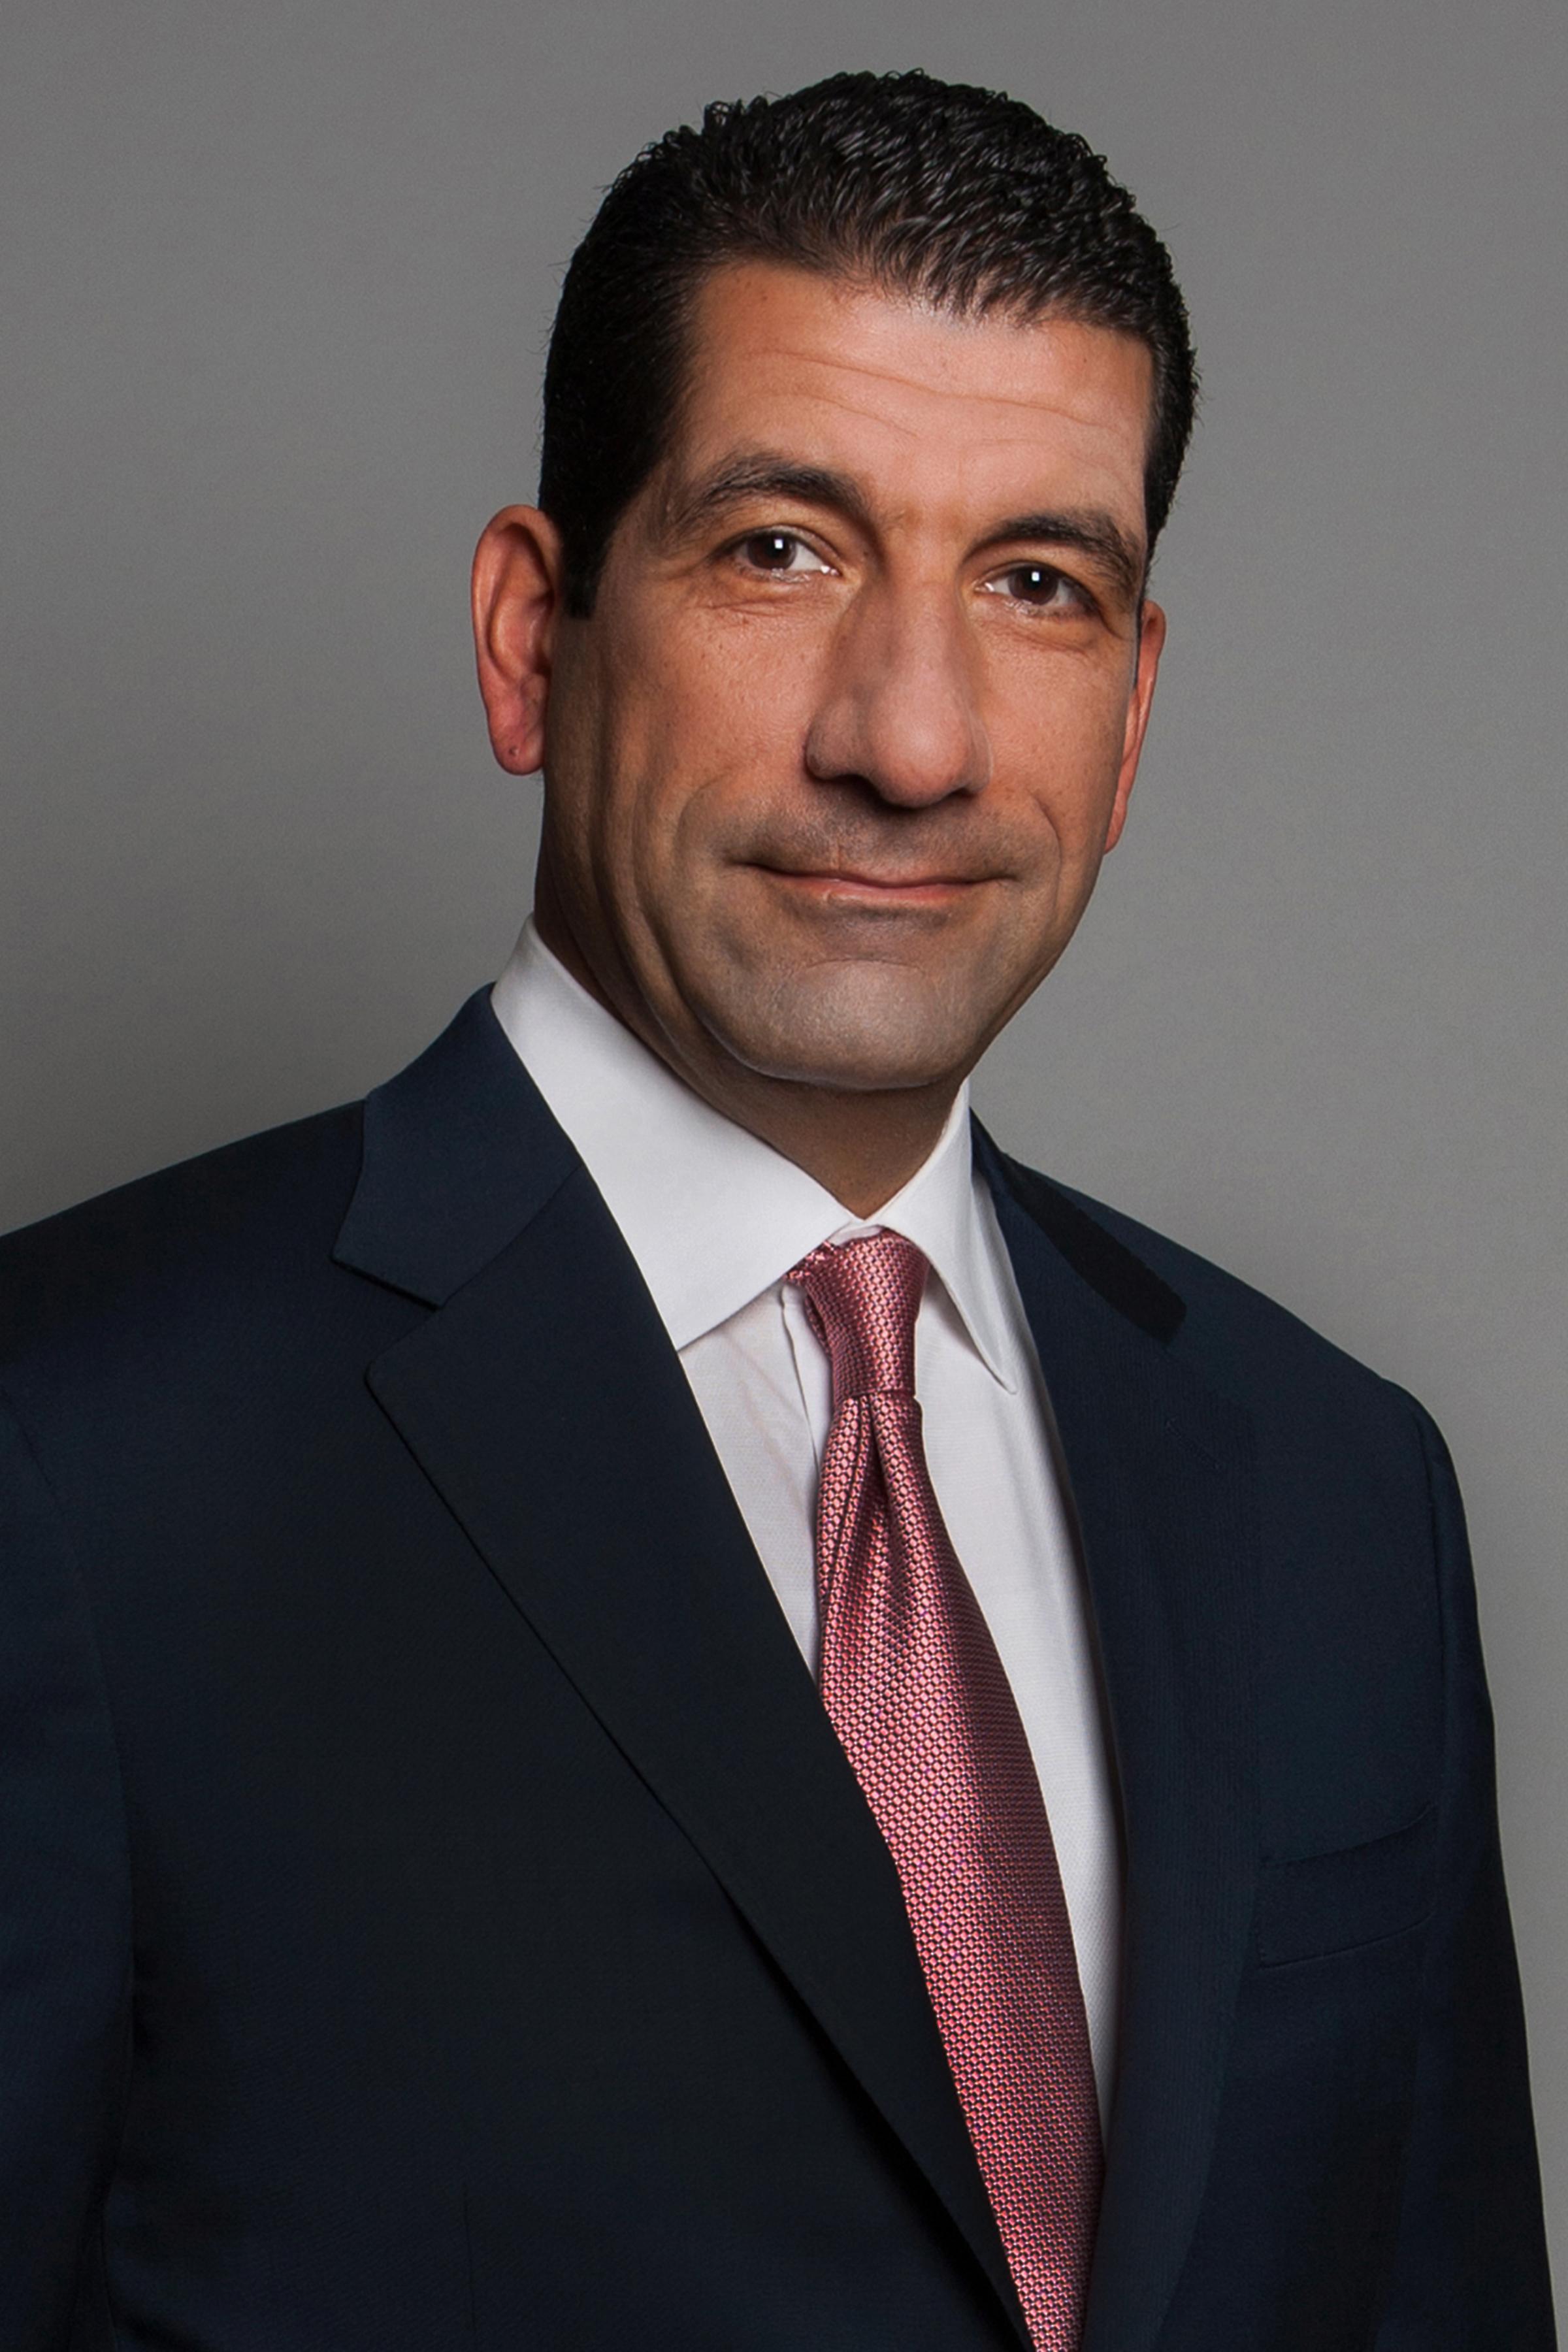 Michael Medzigian